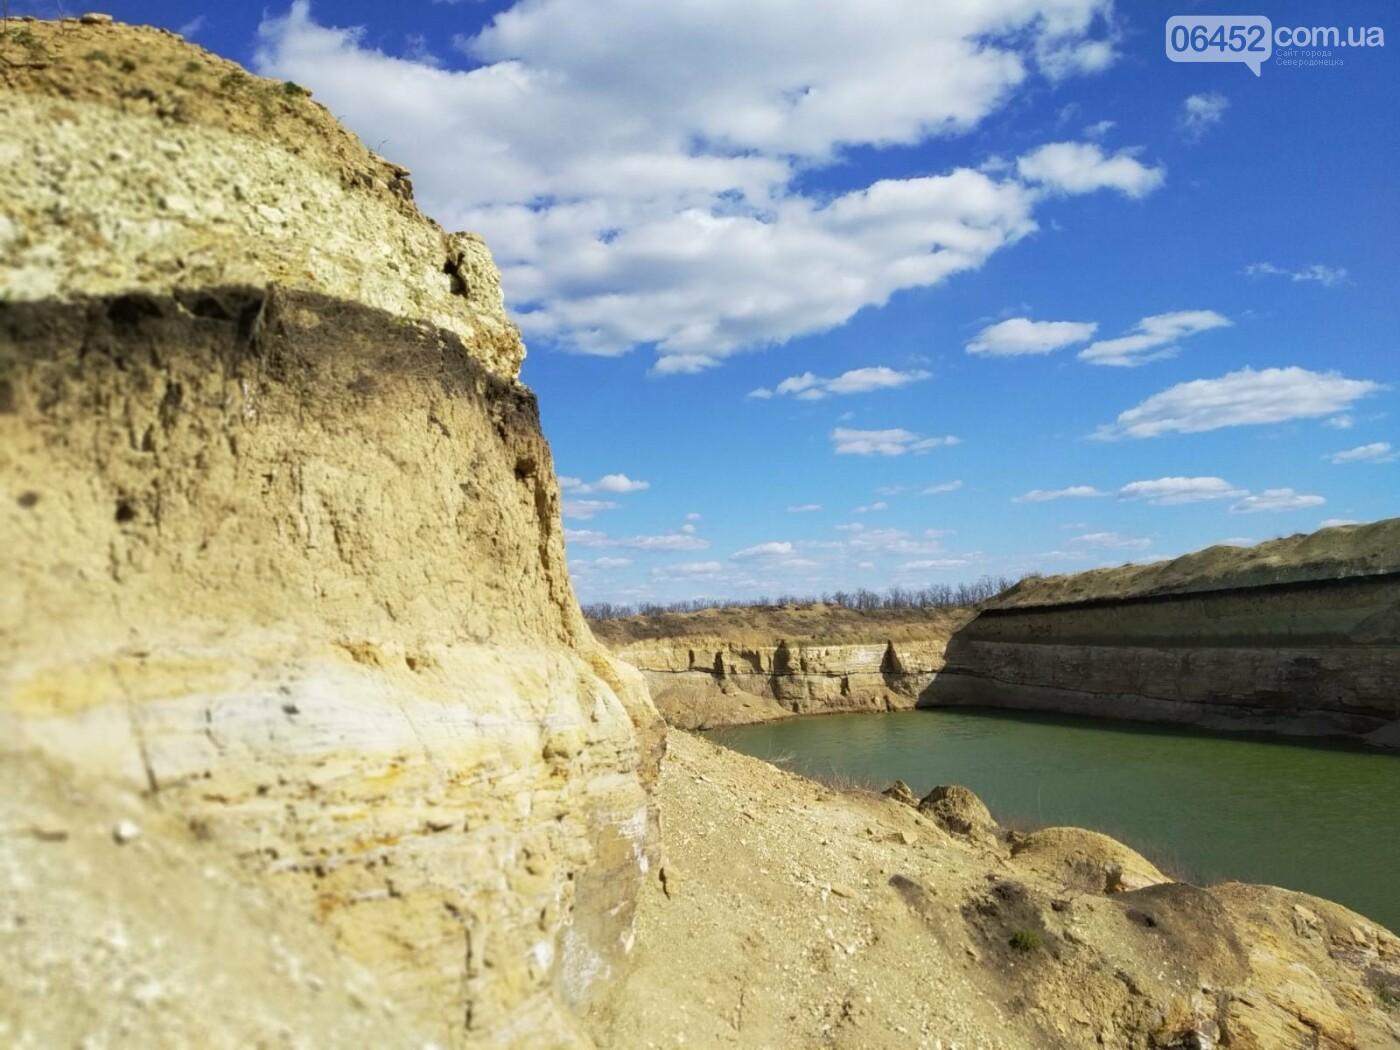 На Луганщине нелегальная копанка превратилась в ландшафтную достопримечательность, фото-1